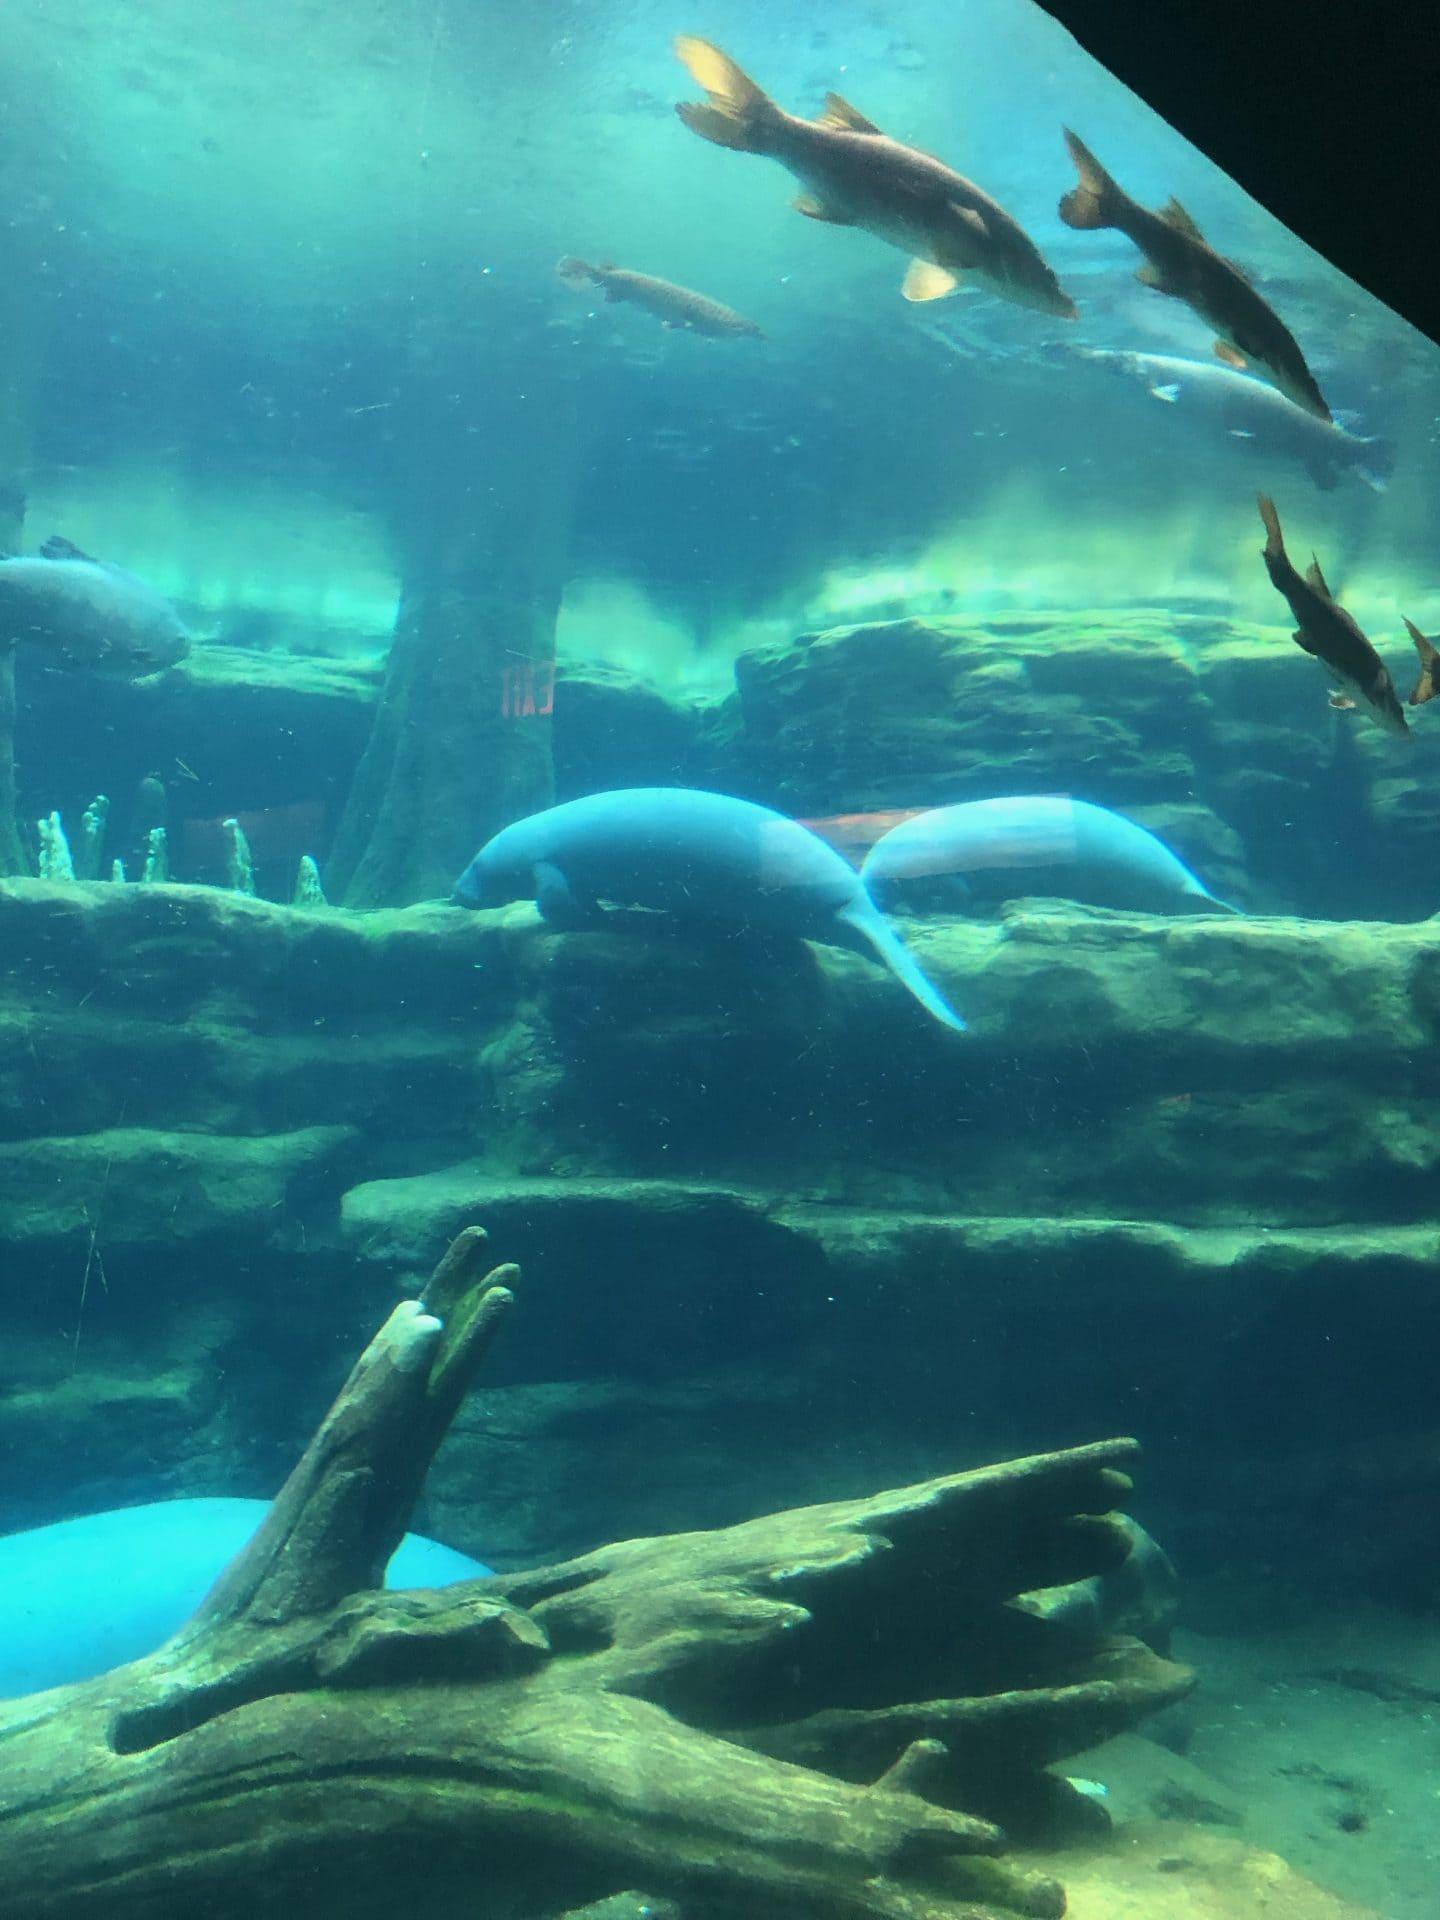 sea world manatees and alligators